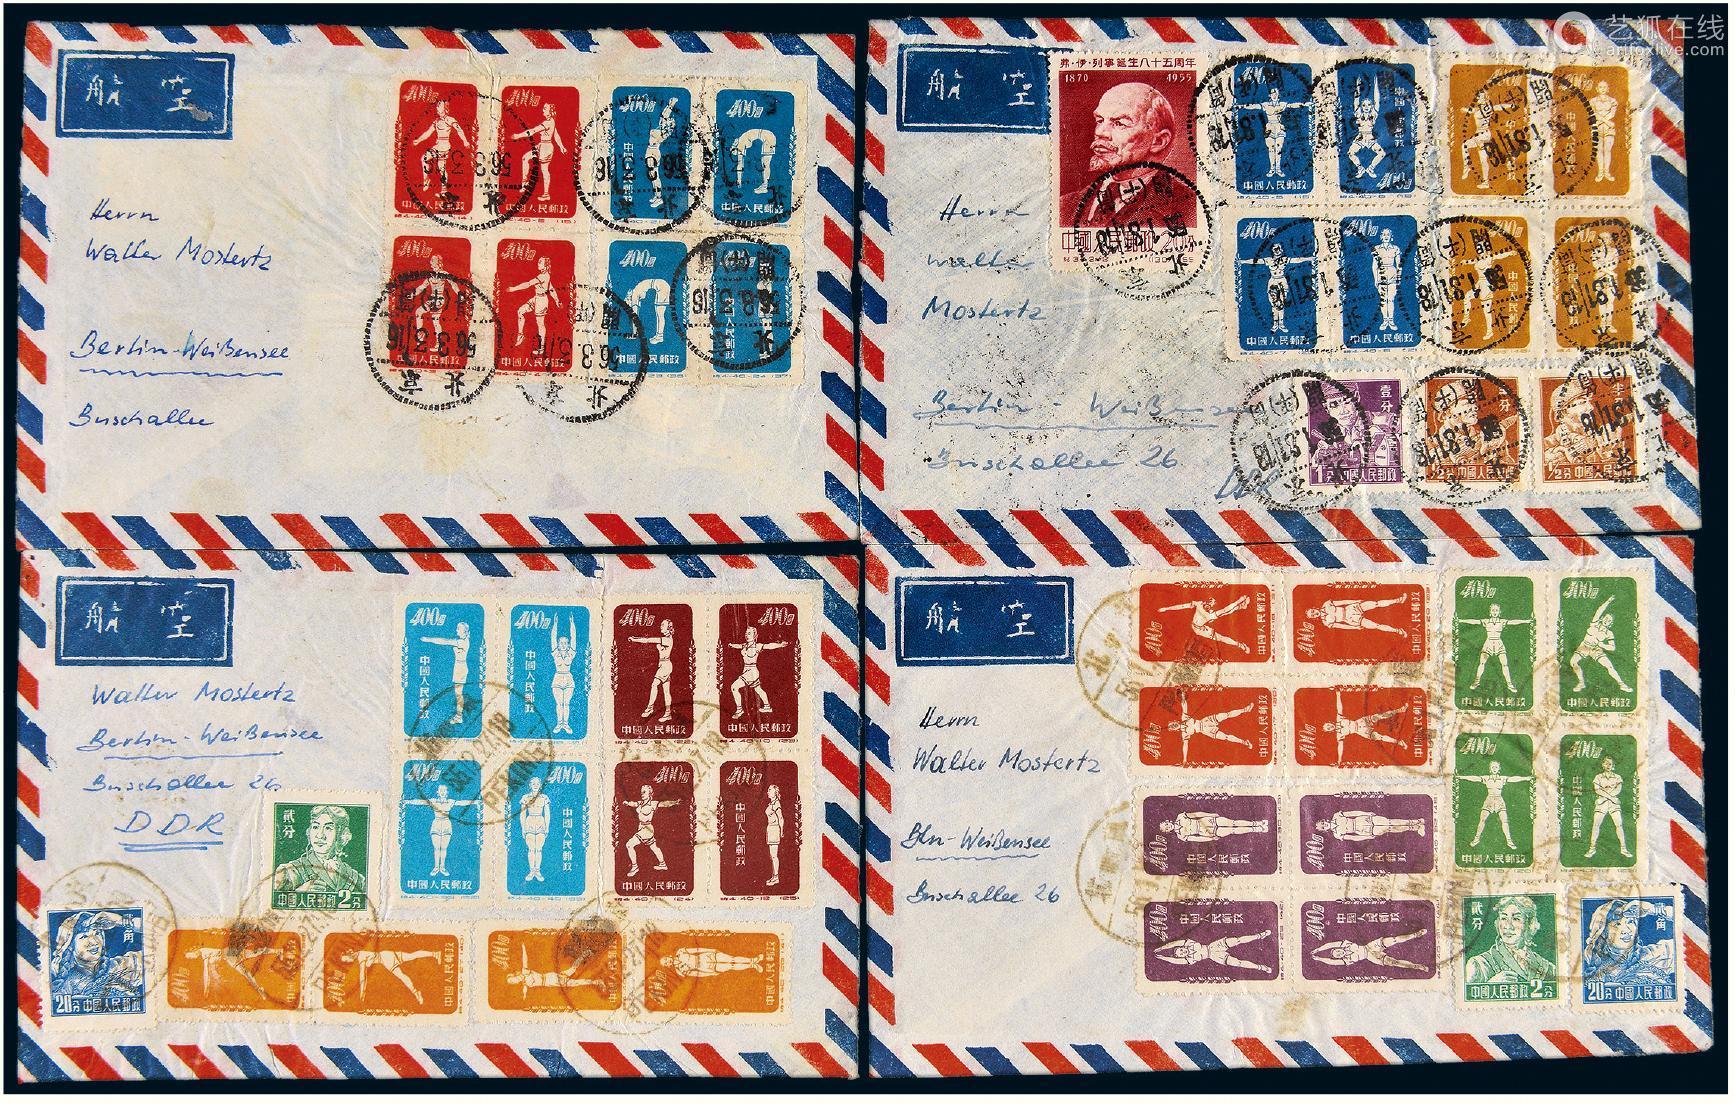 1956年北京寄德国贴再版体操全套封一组四件。分贴再版特4广播体体操全套邮票四十枚分别与新币普8、纪念、特种邮票混贴